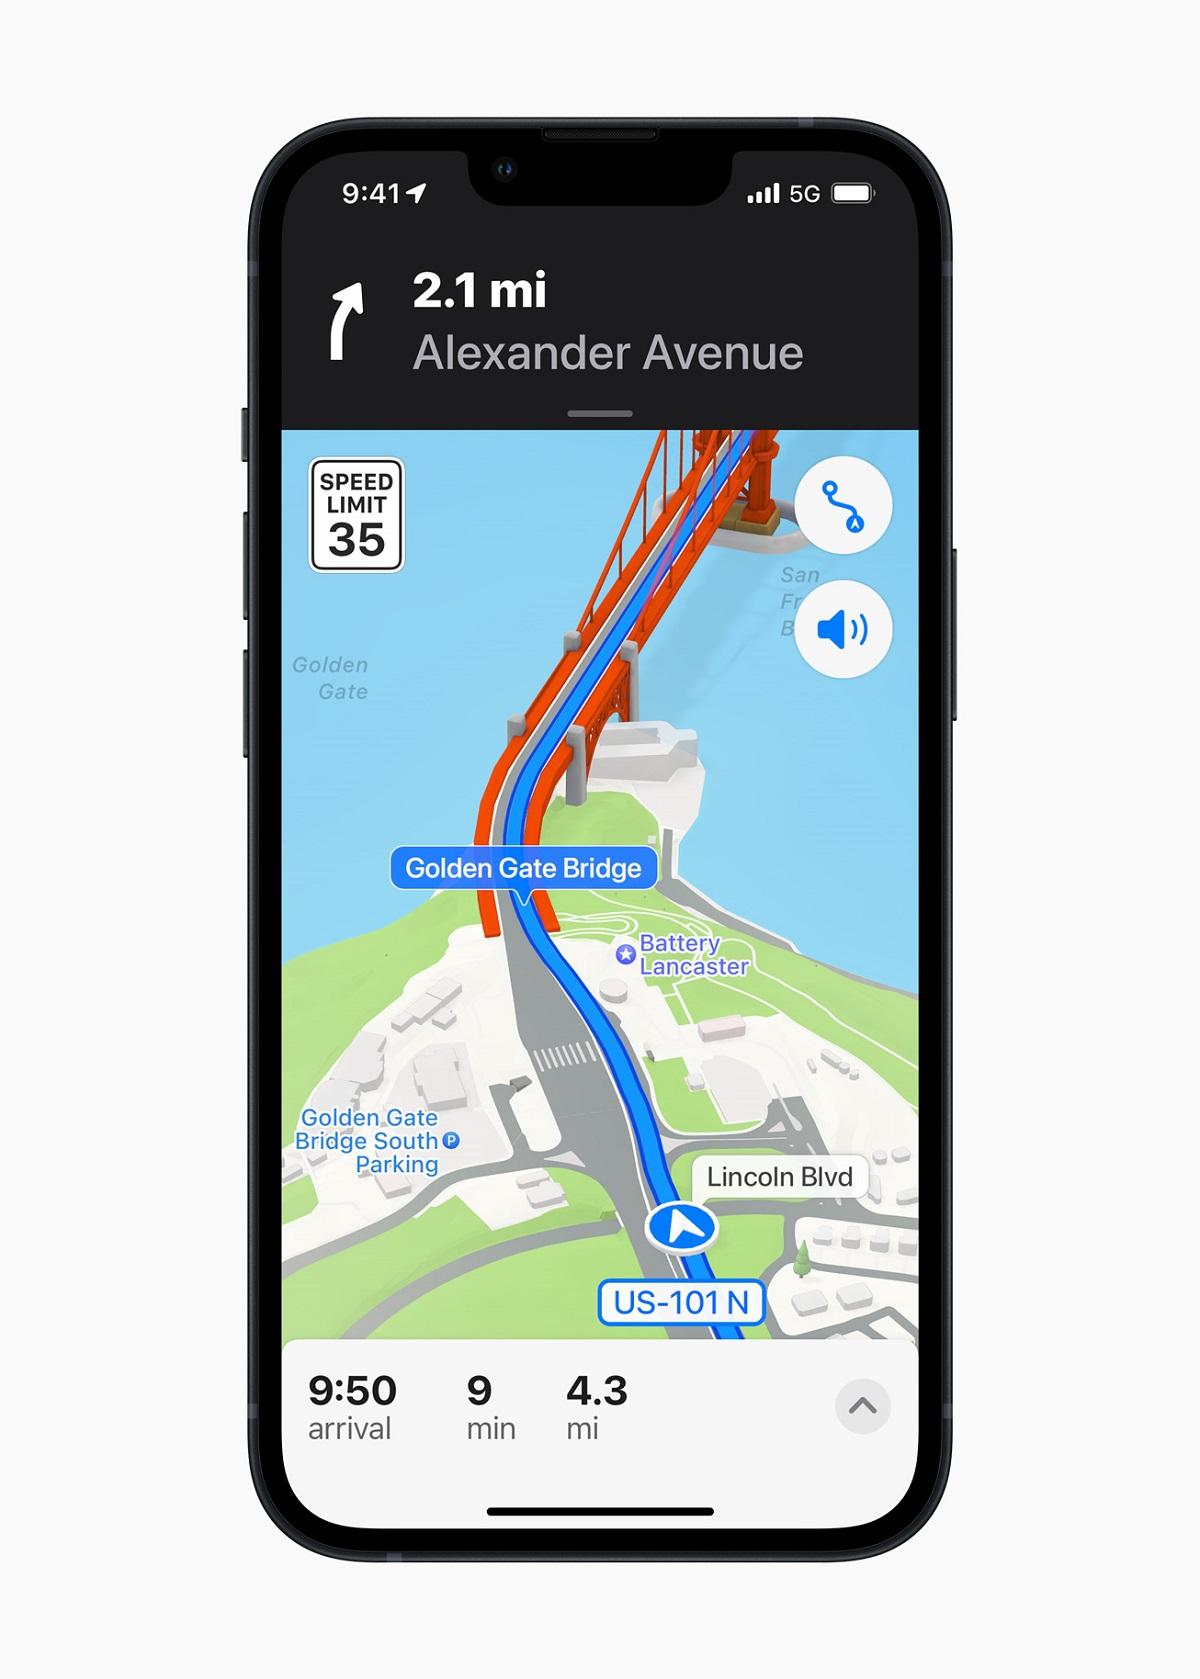 Совершенно новые возможности навигации по городу и исследования доступны в Apple Maps с более реалистичными и красочными деталями.